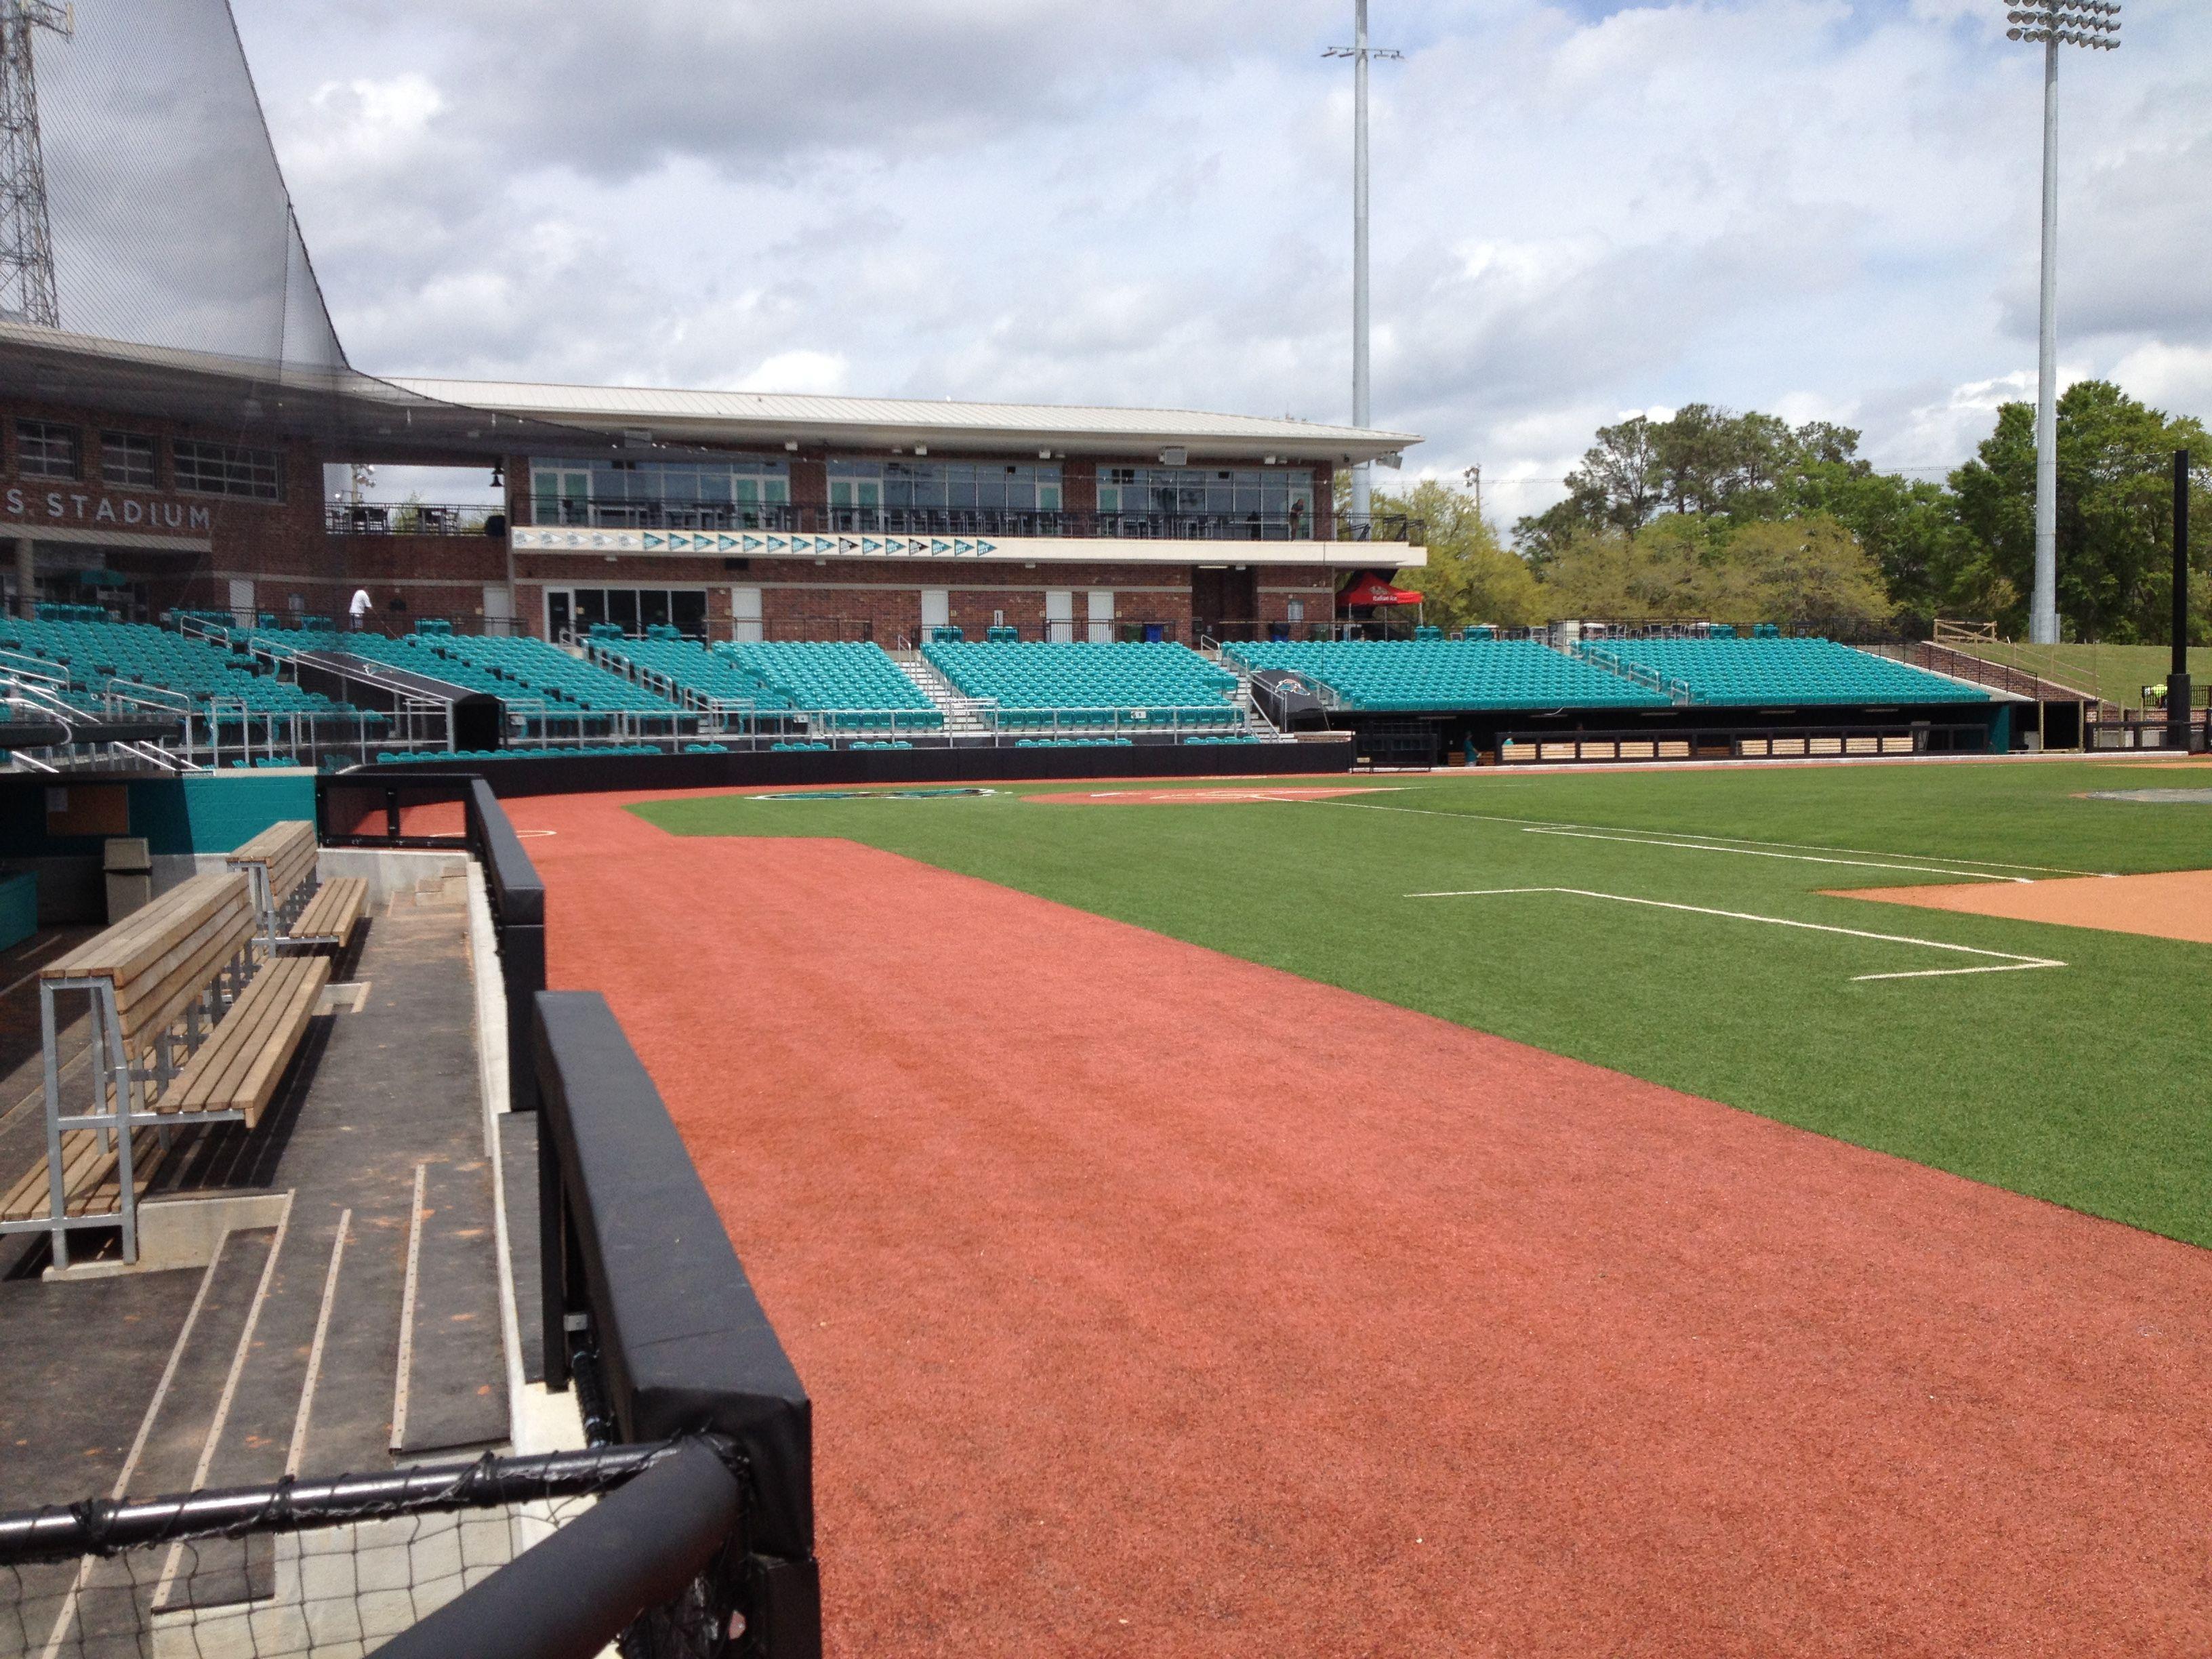 Myrtle Beach Blue Jays/Hurricanes, Watson Stadium, Conway